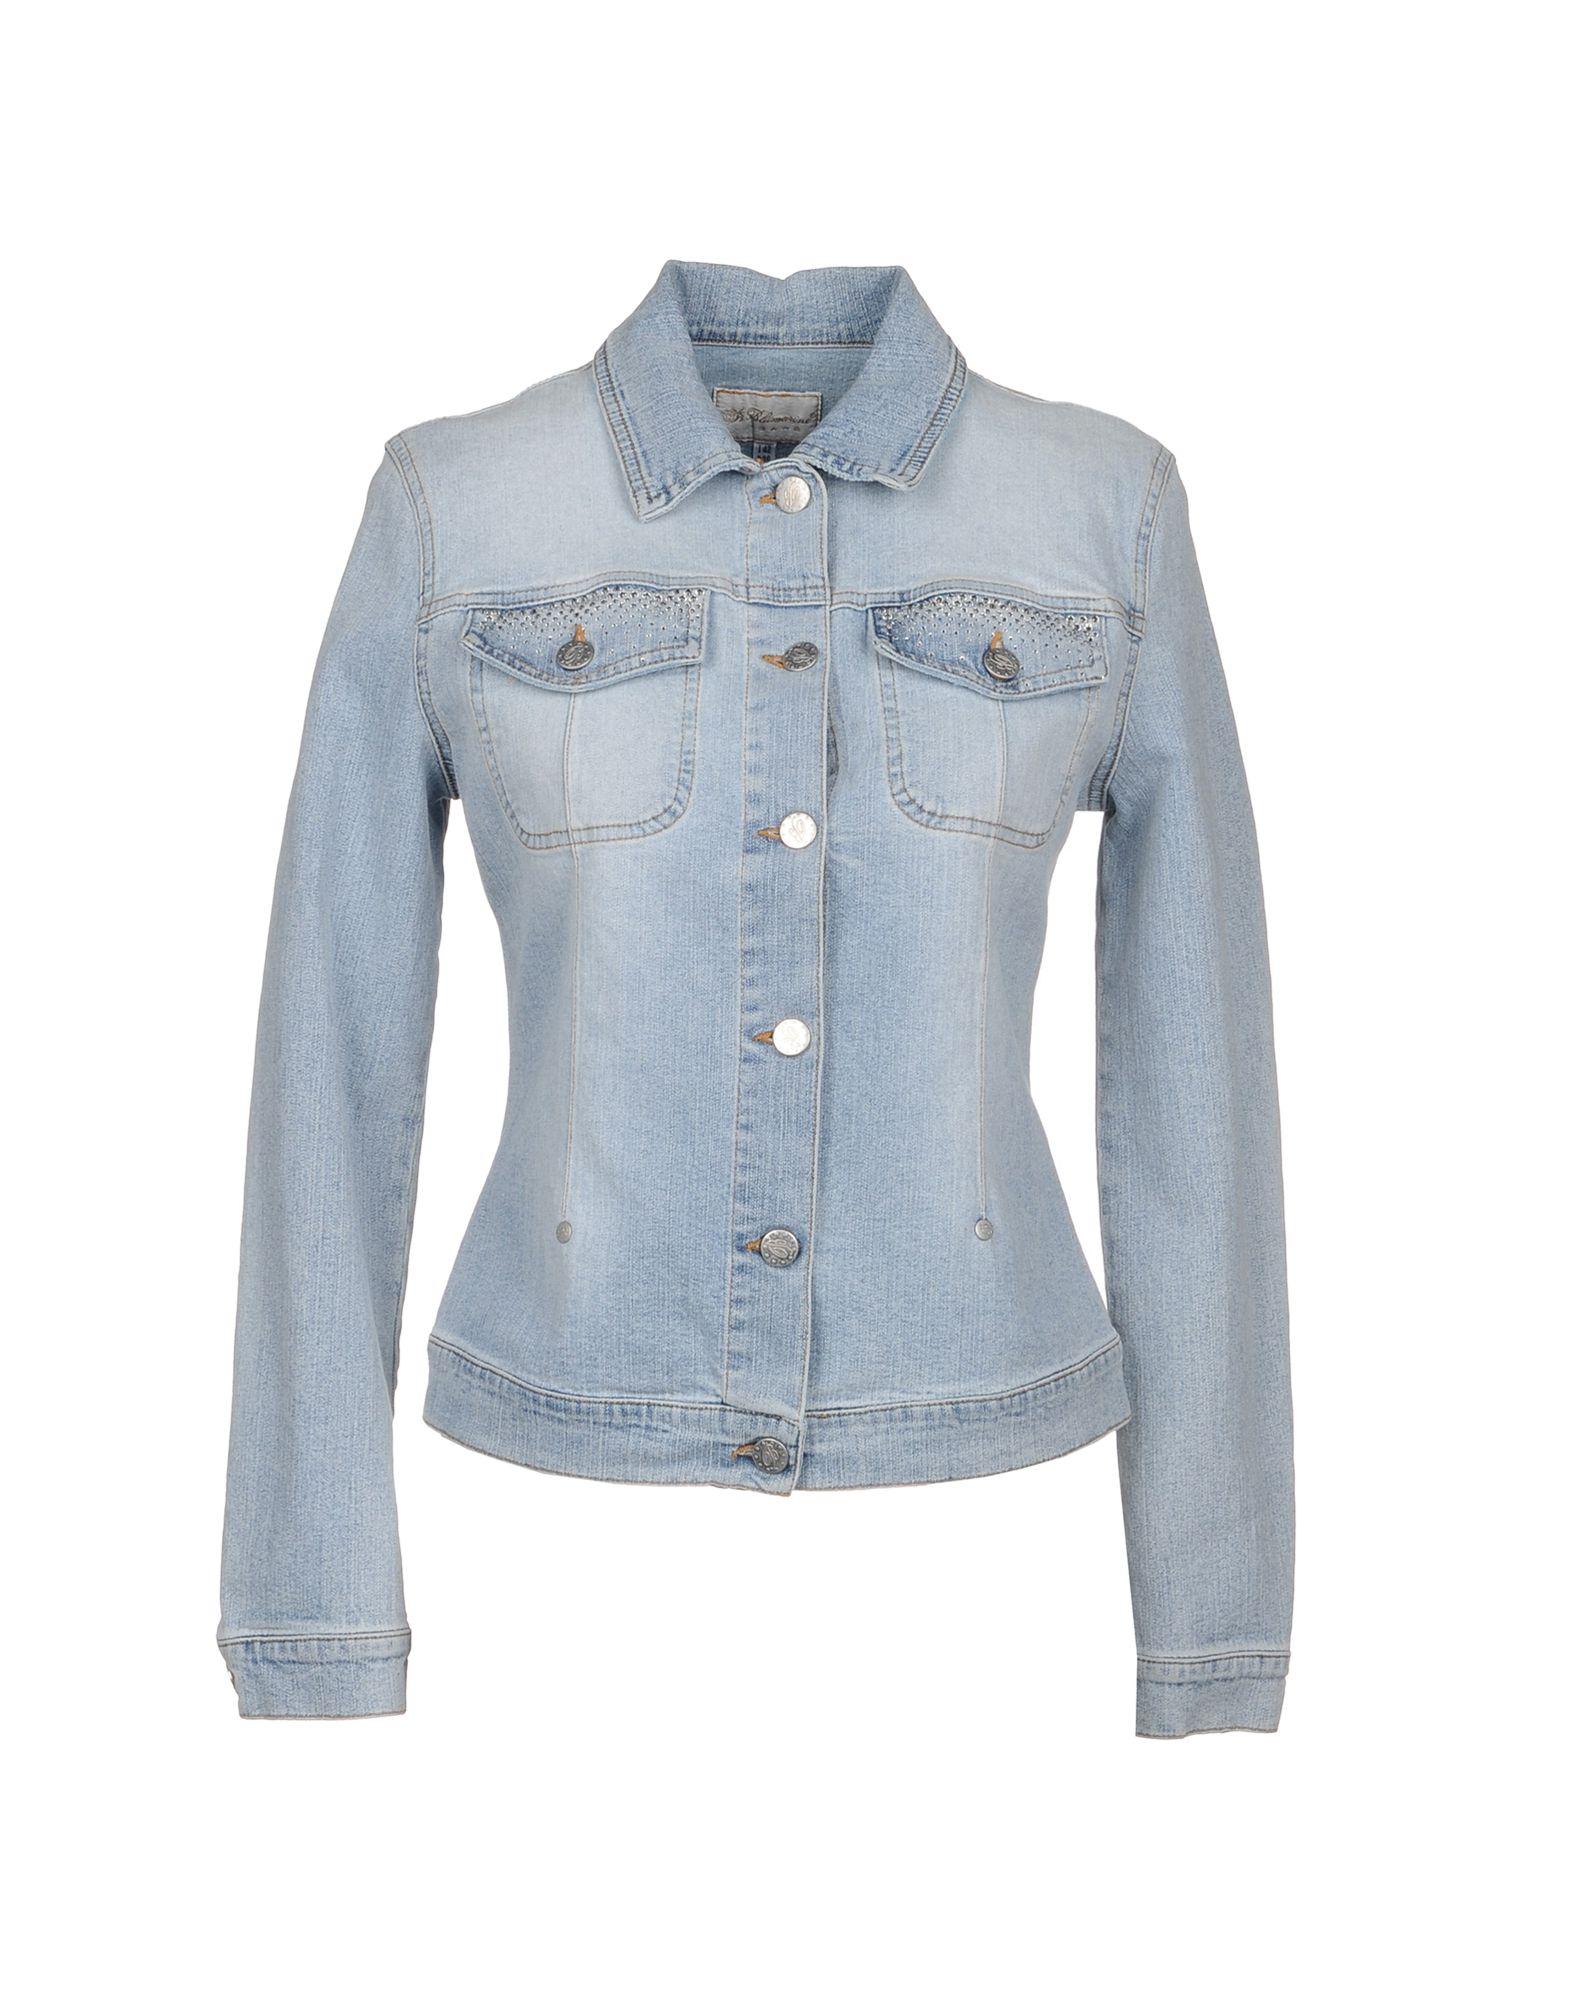 Giubbotto Jeans Blumarine Jeans Donna - Acquista online su MSeYF